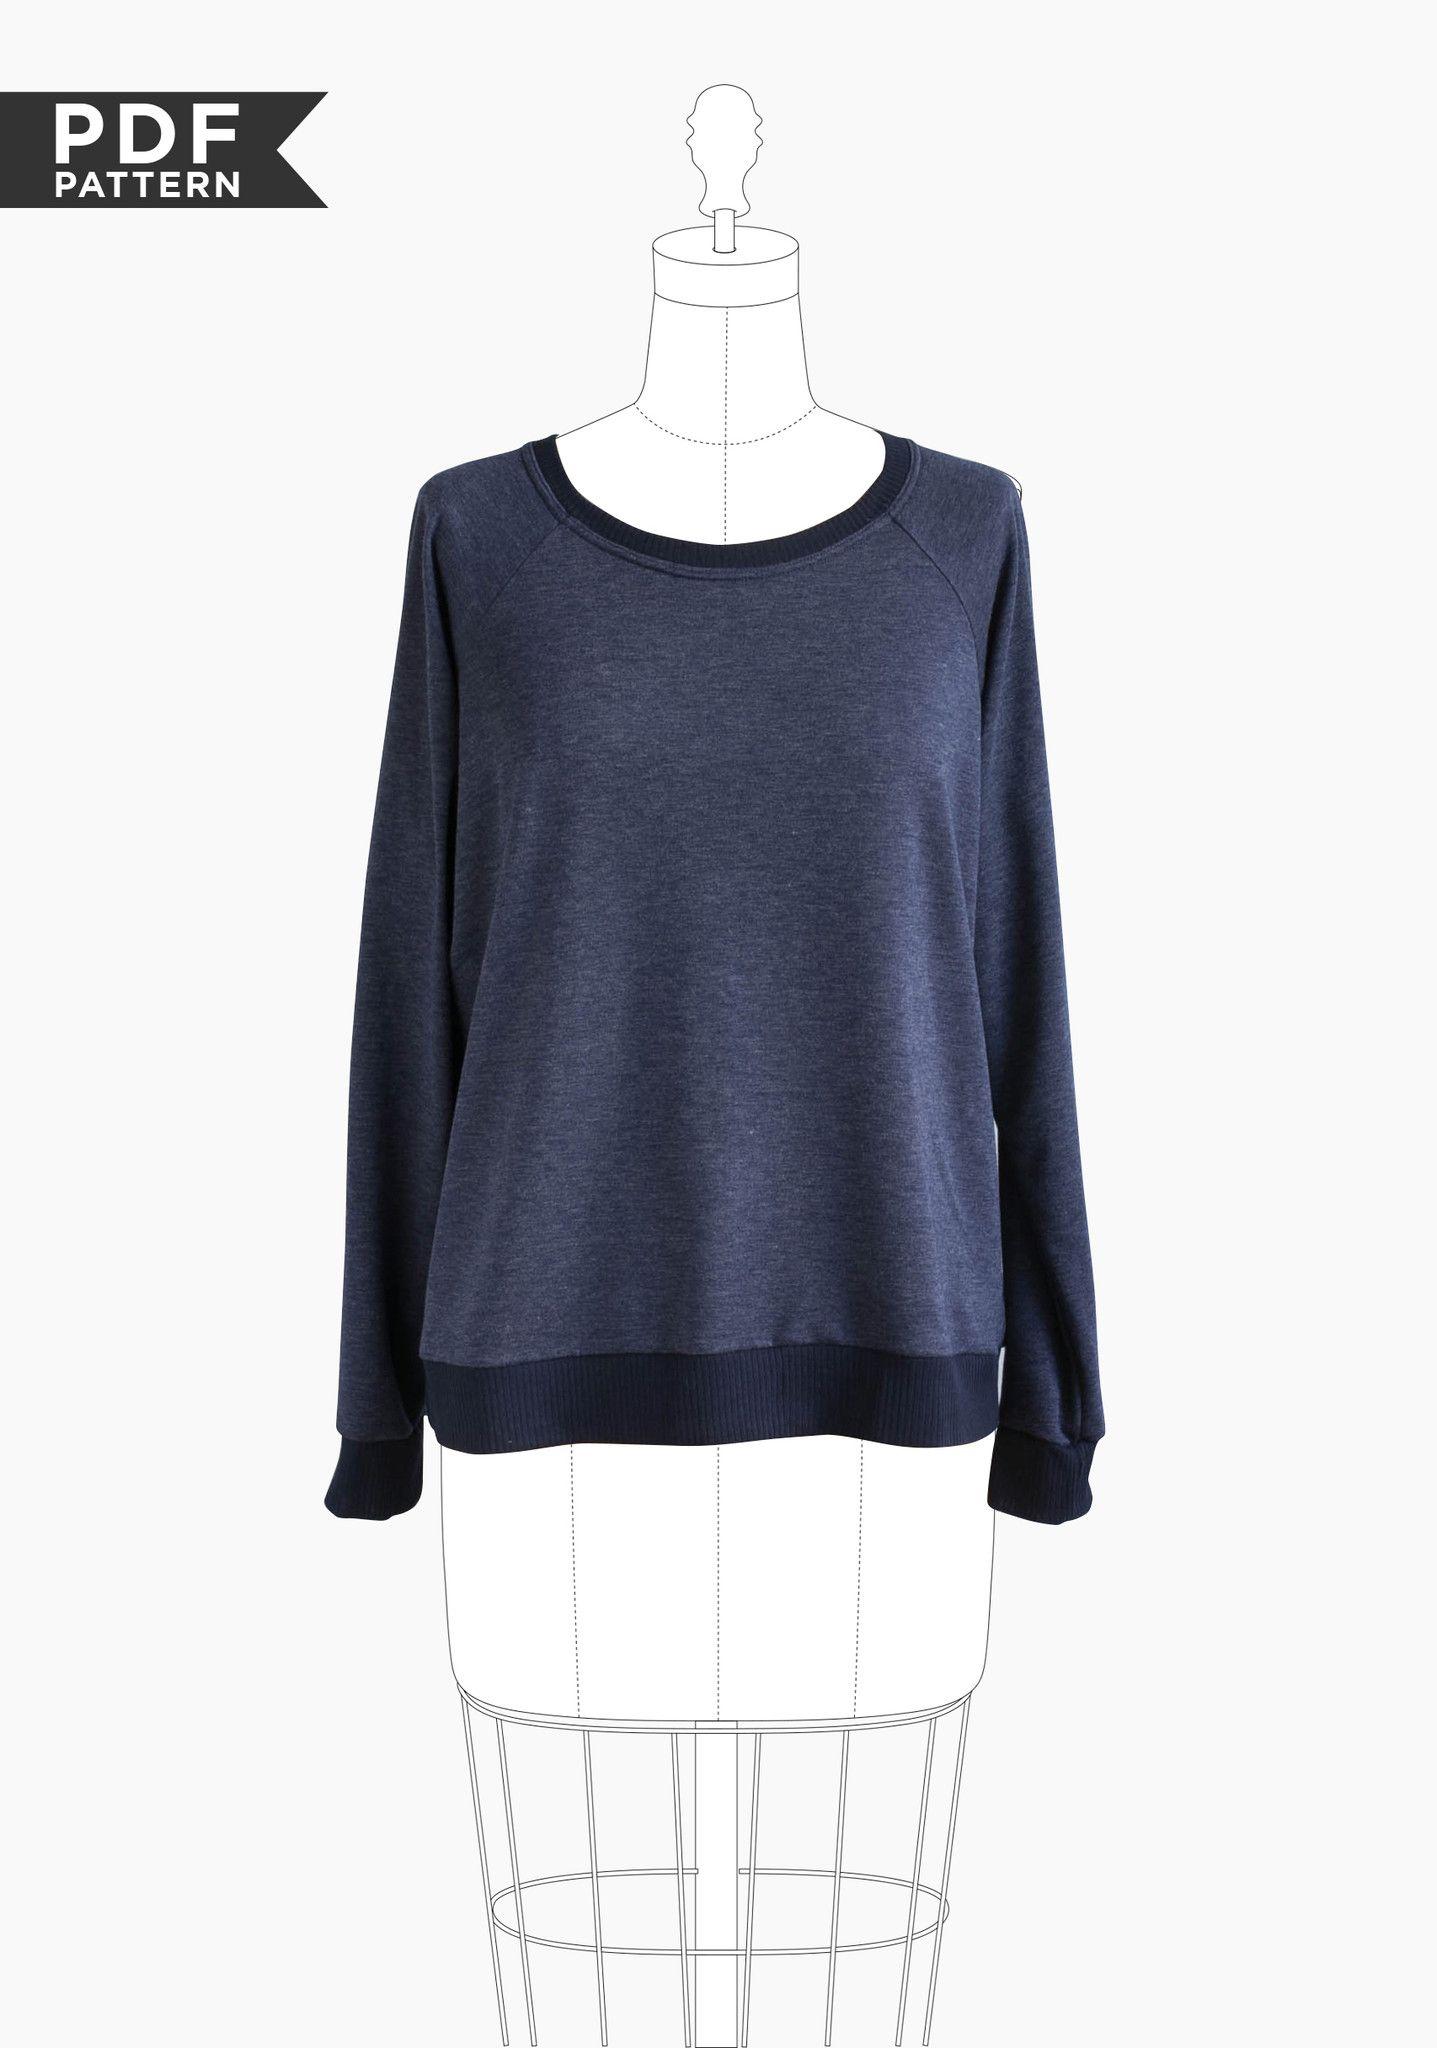 klassisches raglan sweatshirt mit b ndchen l ssig zu stylen schnittmuster linden von. Black Bedroom Furniture Sets. Home Design Ideas